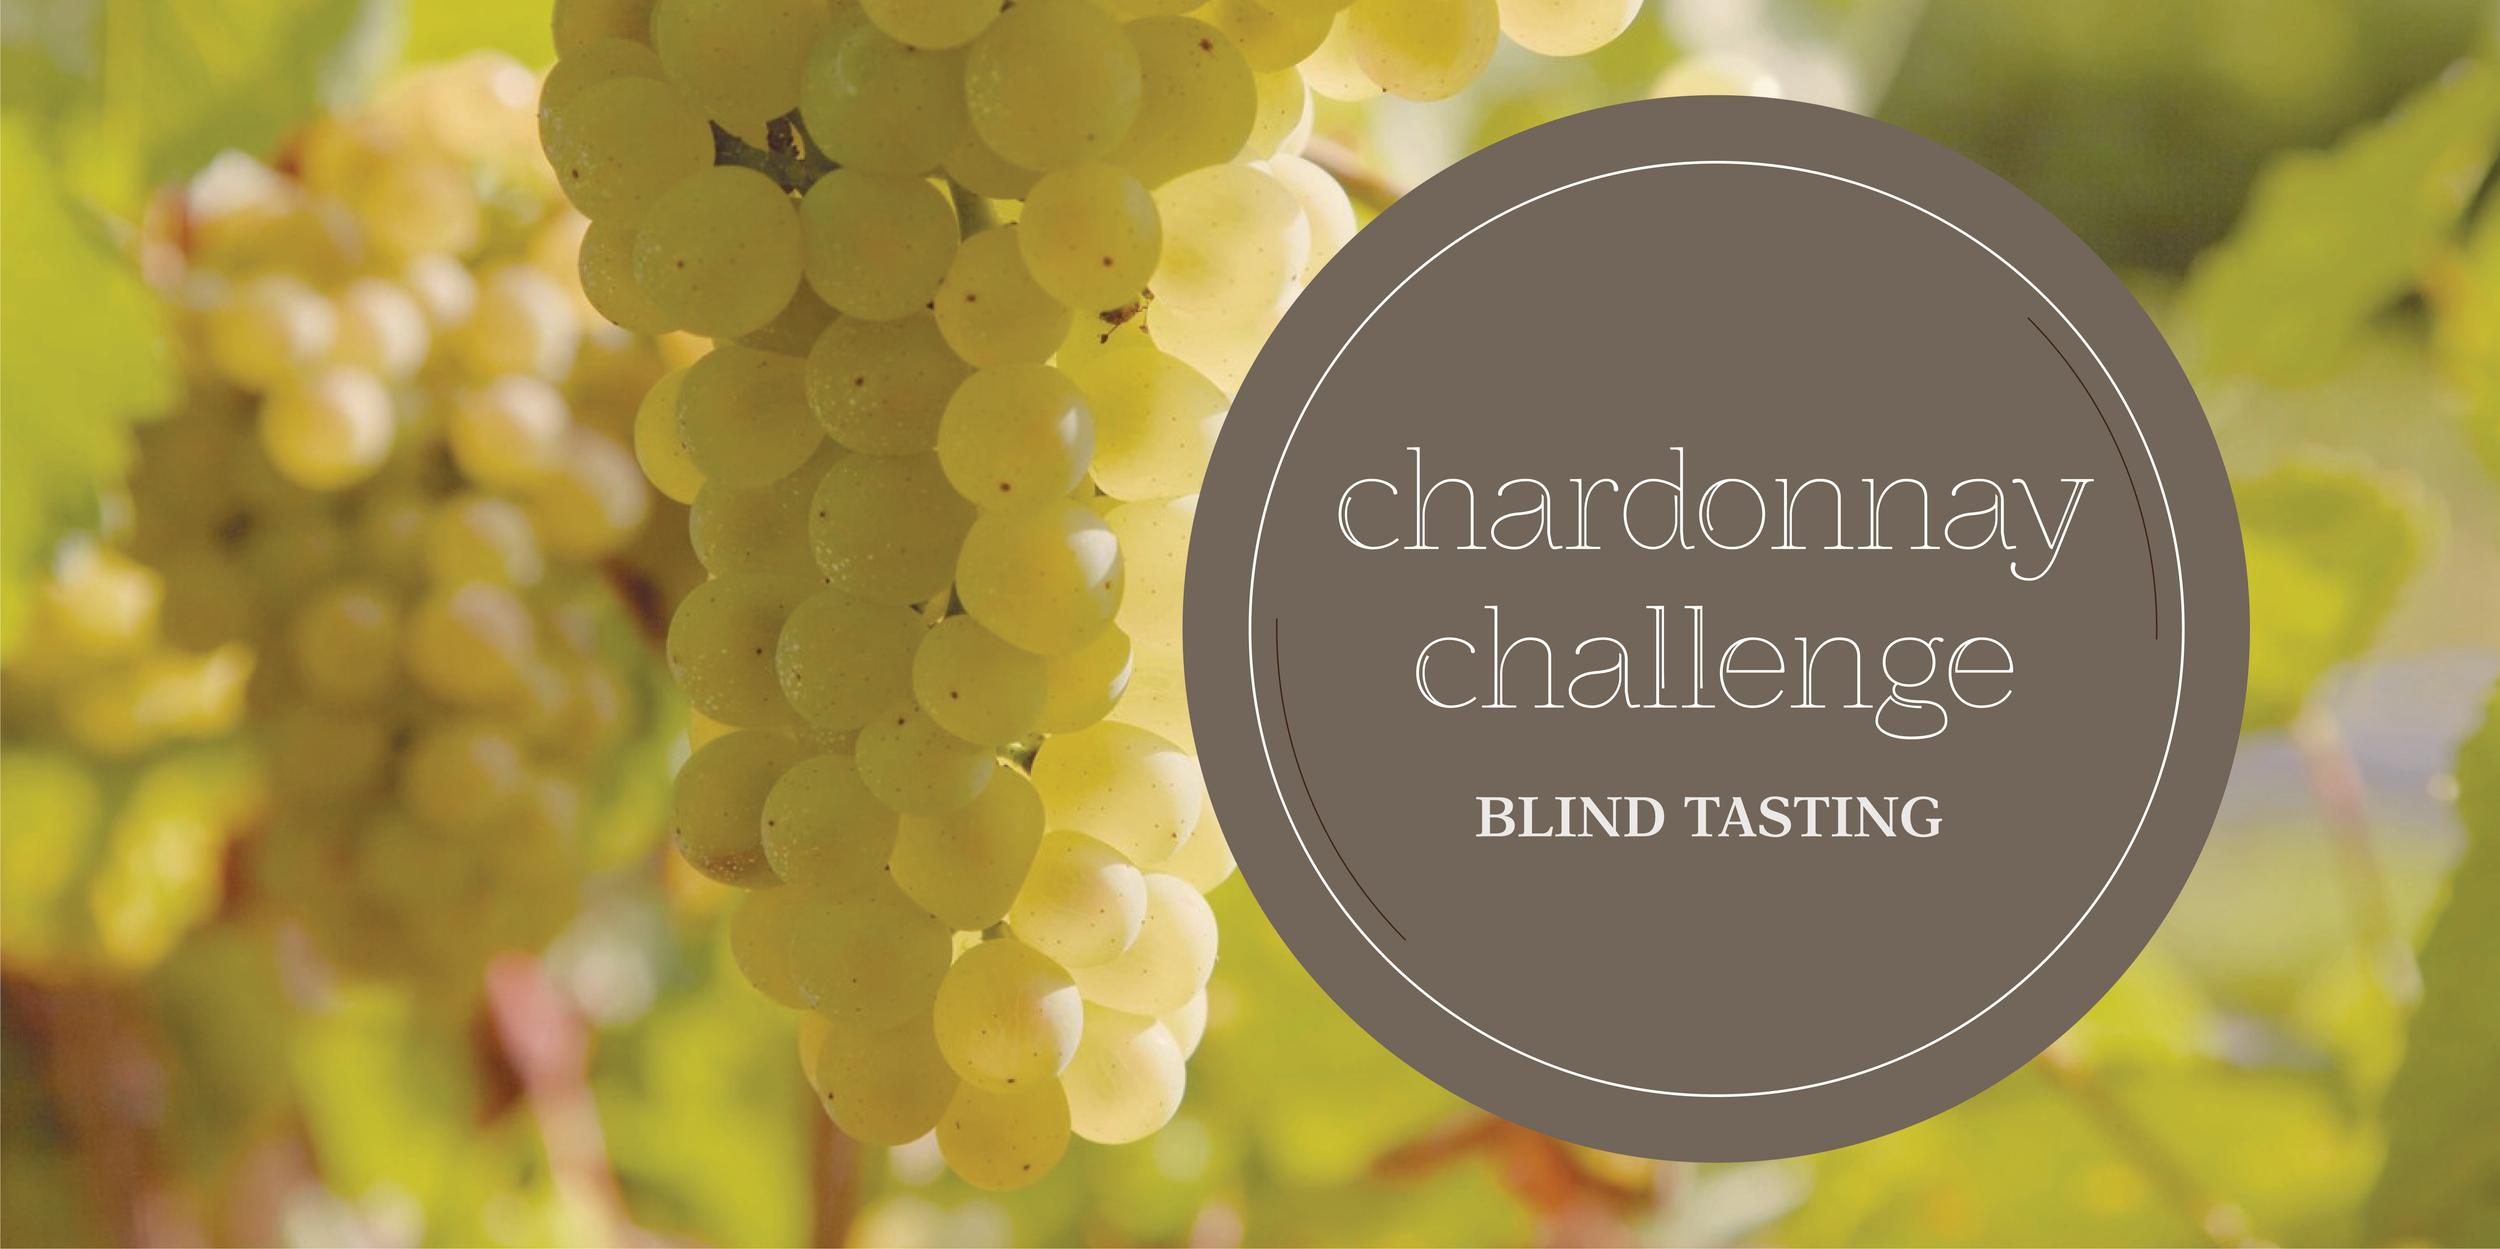 Chardonnay Challenge_Eventbrite Banner-01.png